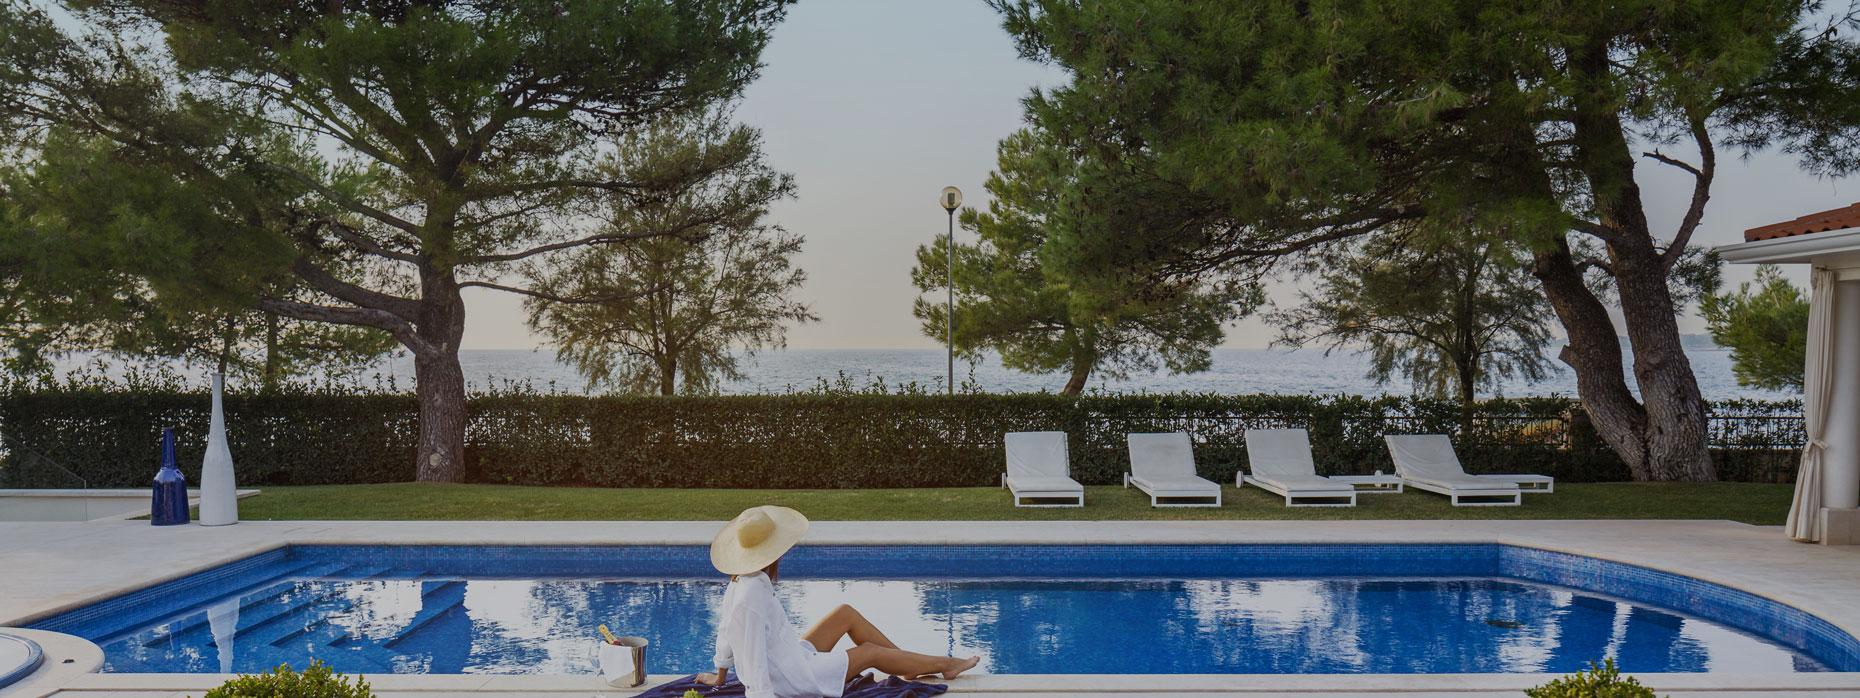 Slider-Foto 2 auf der Startseite der HMZ Luxury Villas